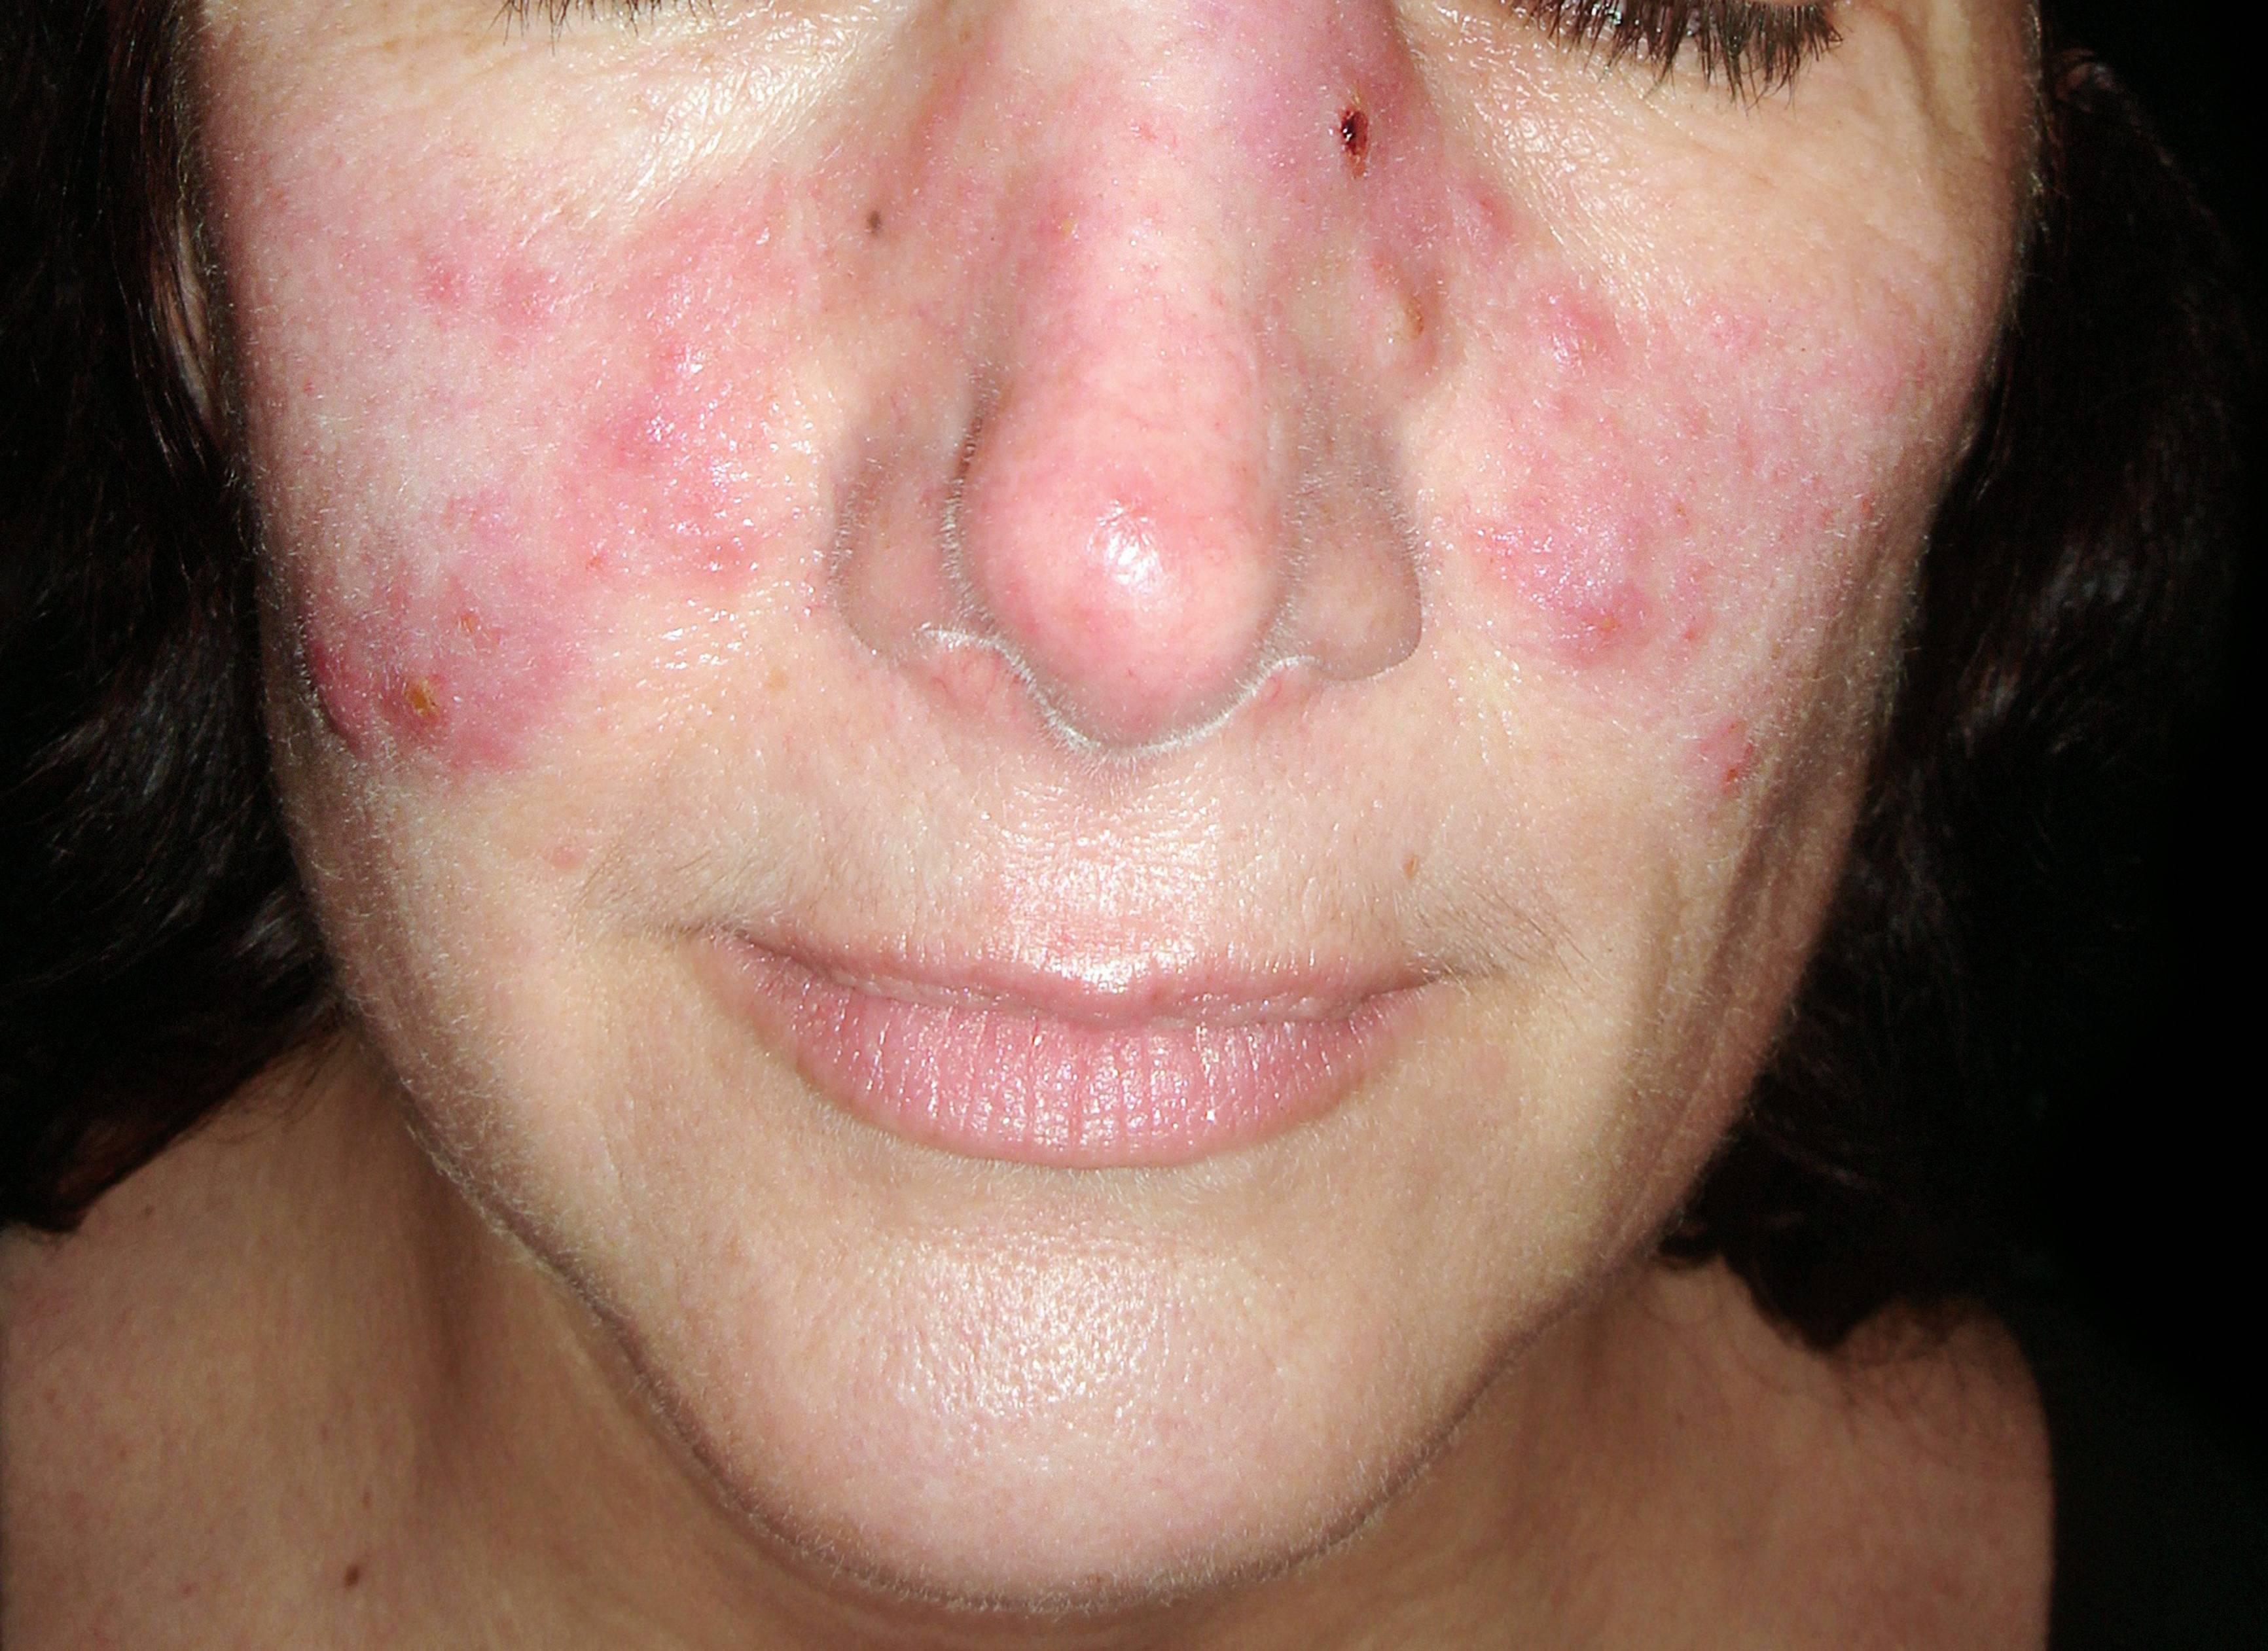 kiütések az arcon piros foltok formájában fotó